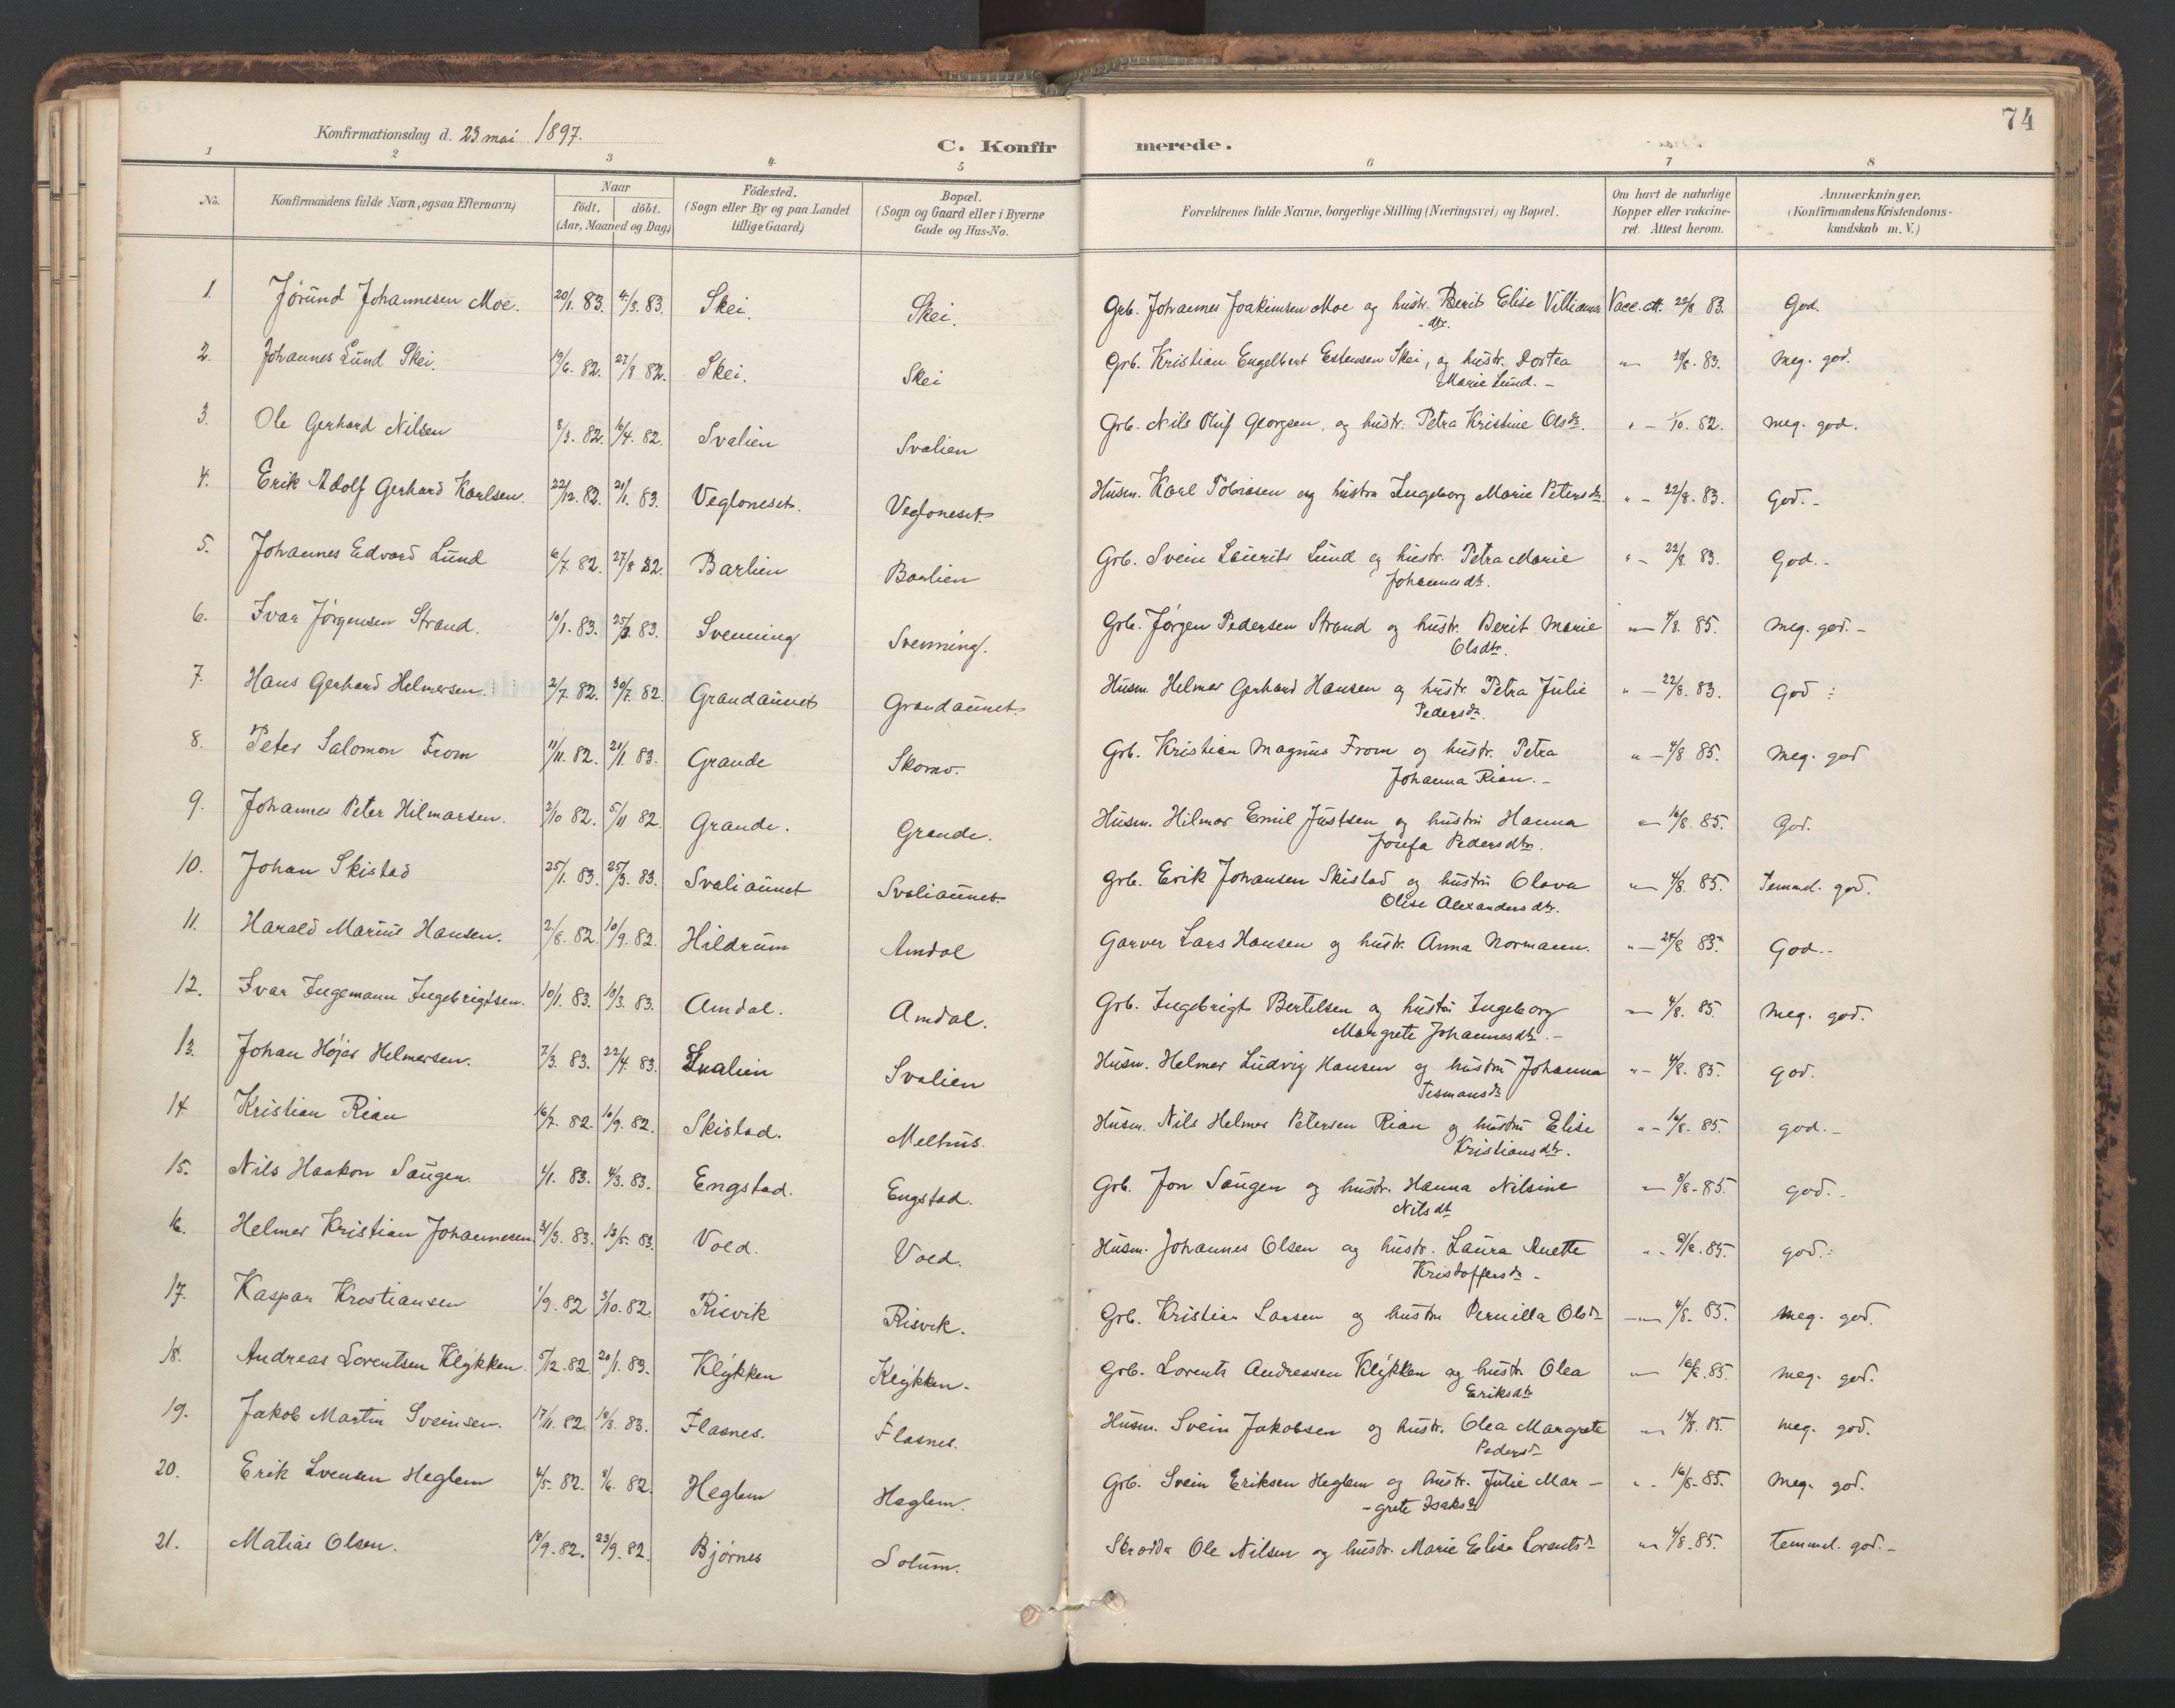 SAT, Ministerialprotokoller, klokkerbøker og fødselsregistre - Nord-Trøndelag, 764/L0556: Ministerialbok nr. 764A11, 1897-1924, s. 74